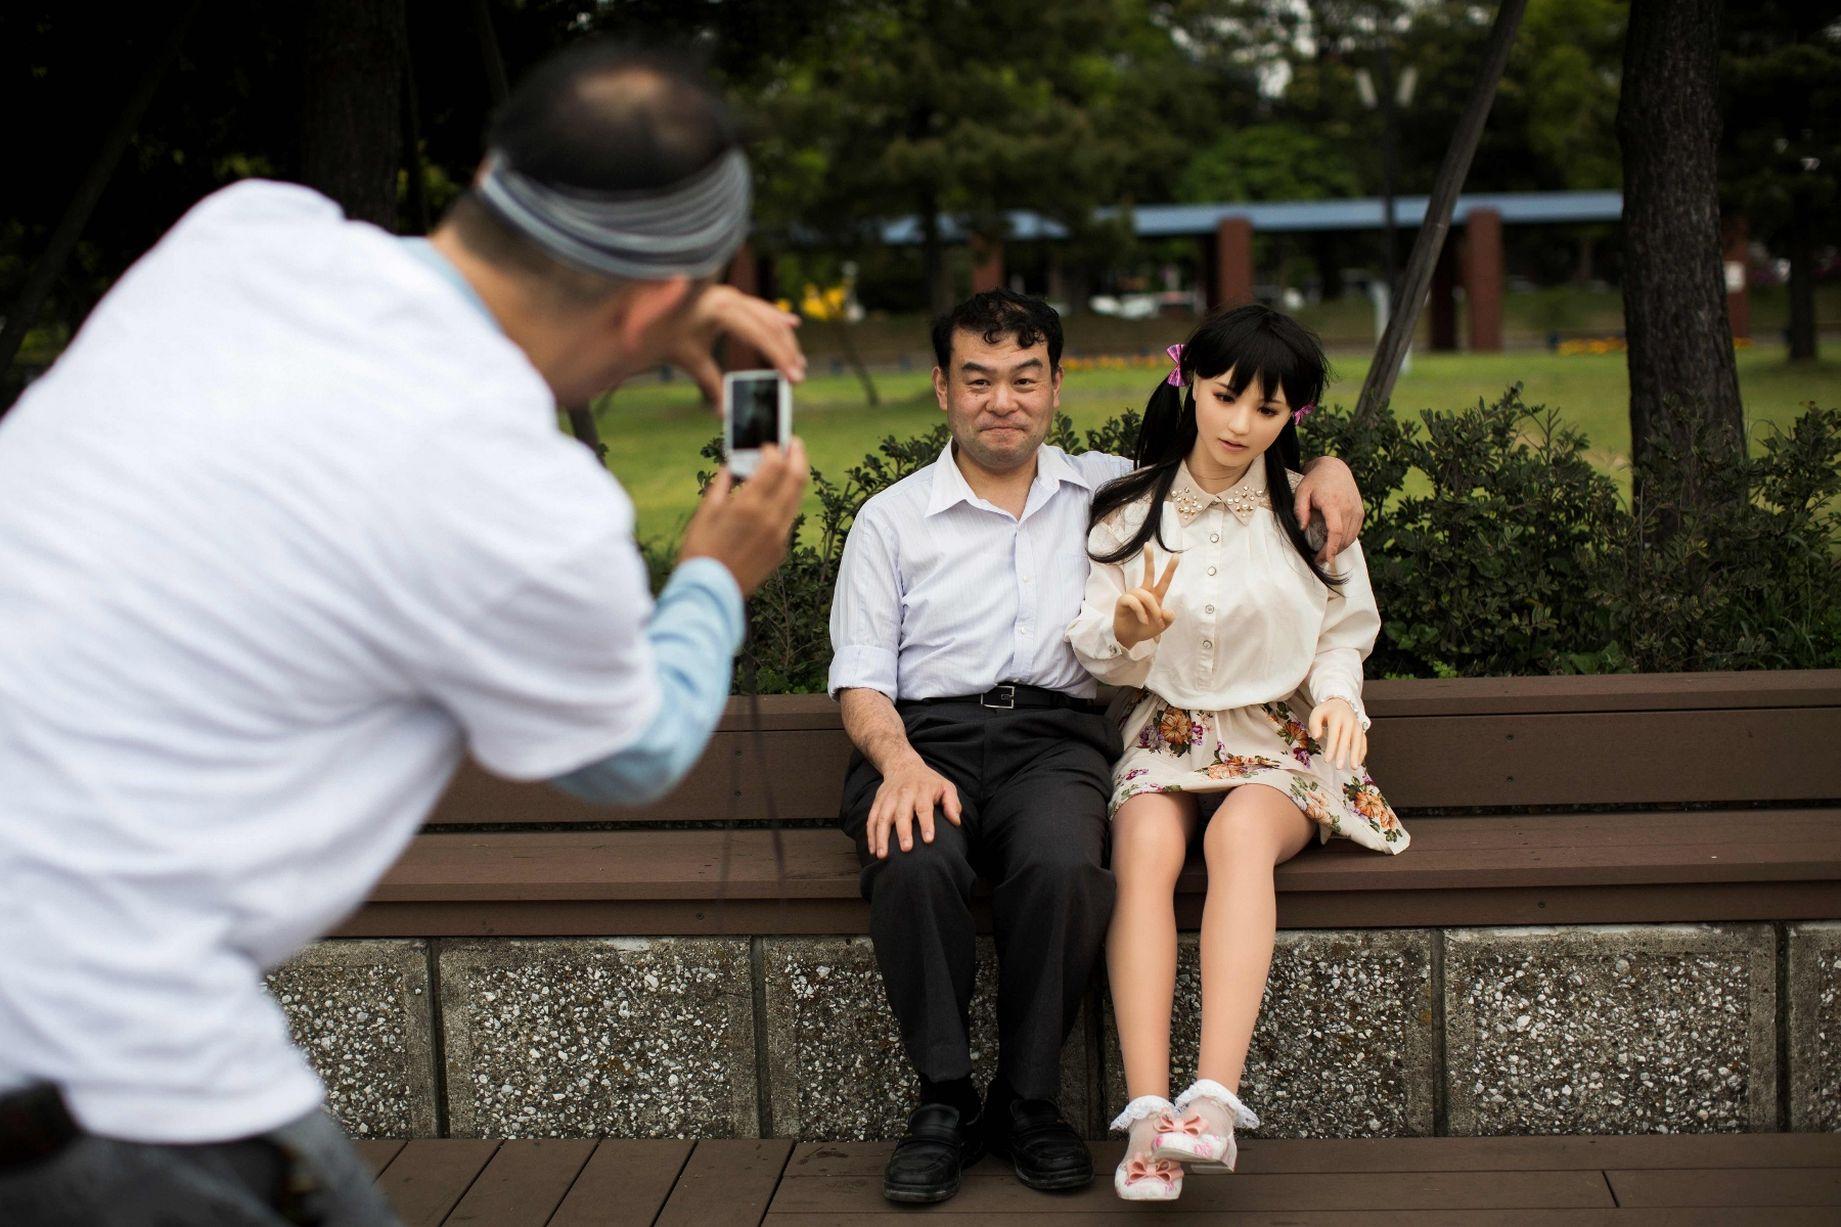 Cuộc sống cô quạnh của đàn ông Nhật Bản bên búp bê tình dục - Ảnh 1.